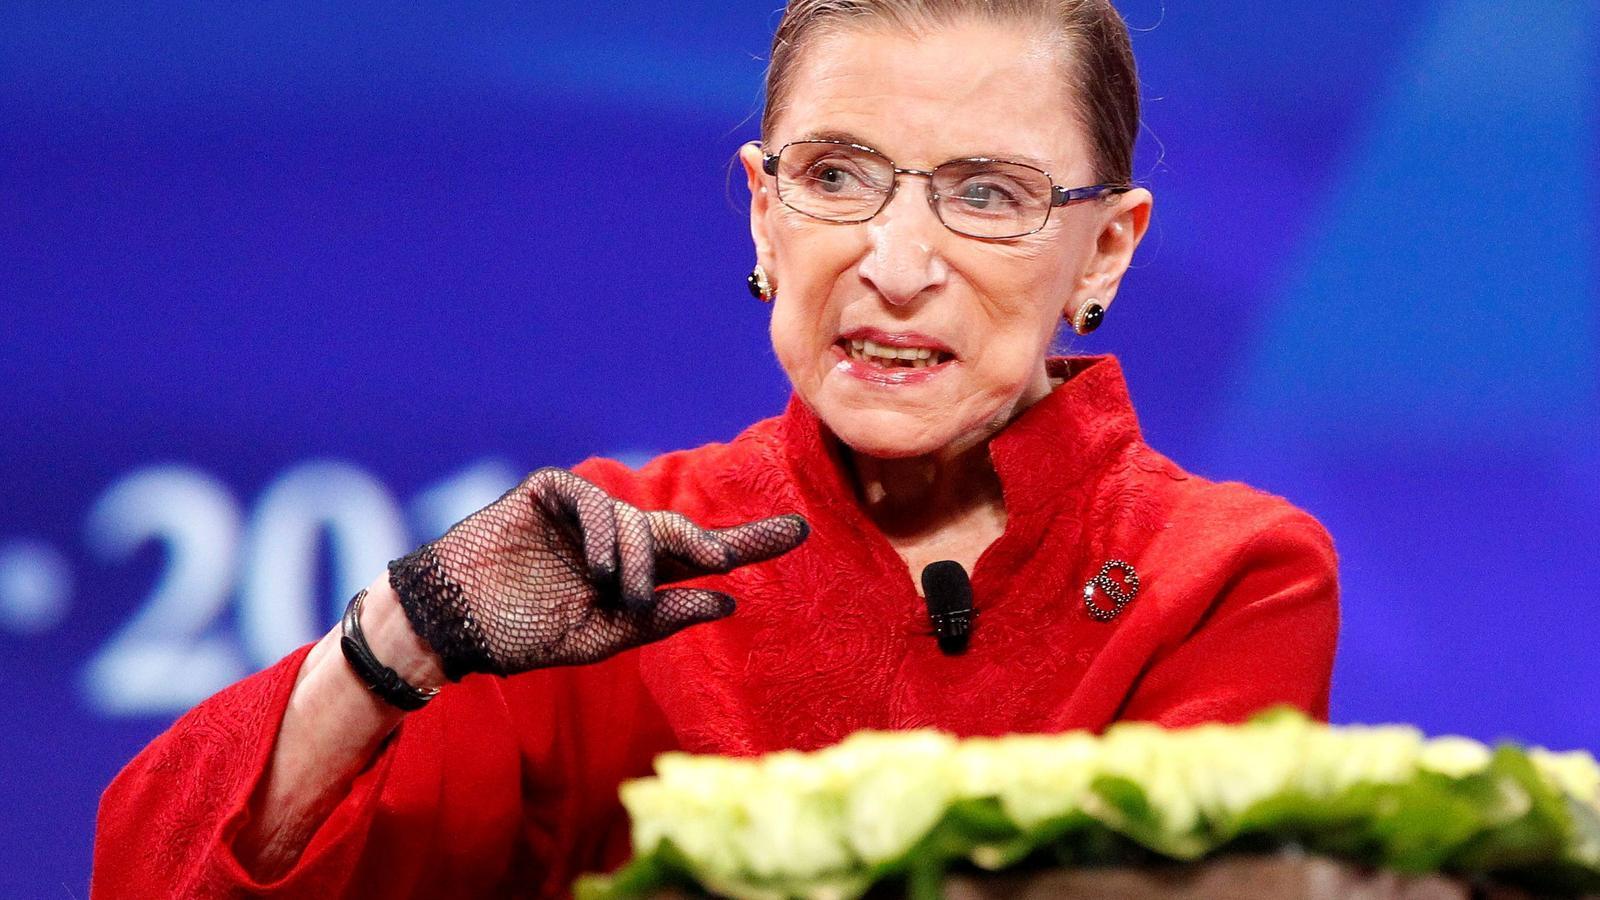 Mor als 87 anys Ruth Bader Ginsburg, icona del feminisme i segona jutgessa del Tribunal Suprem